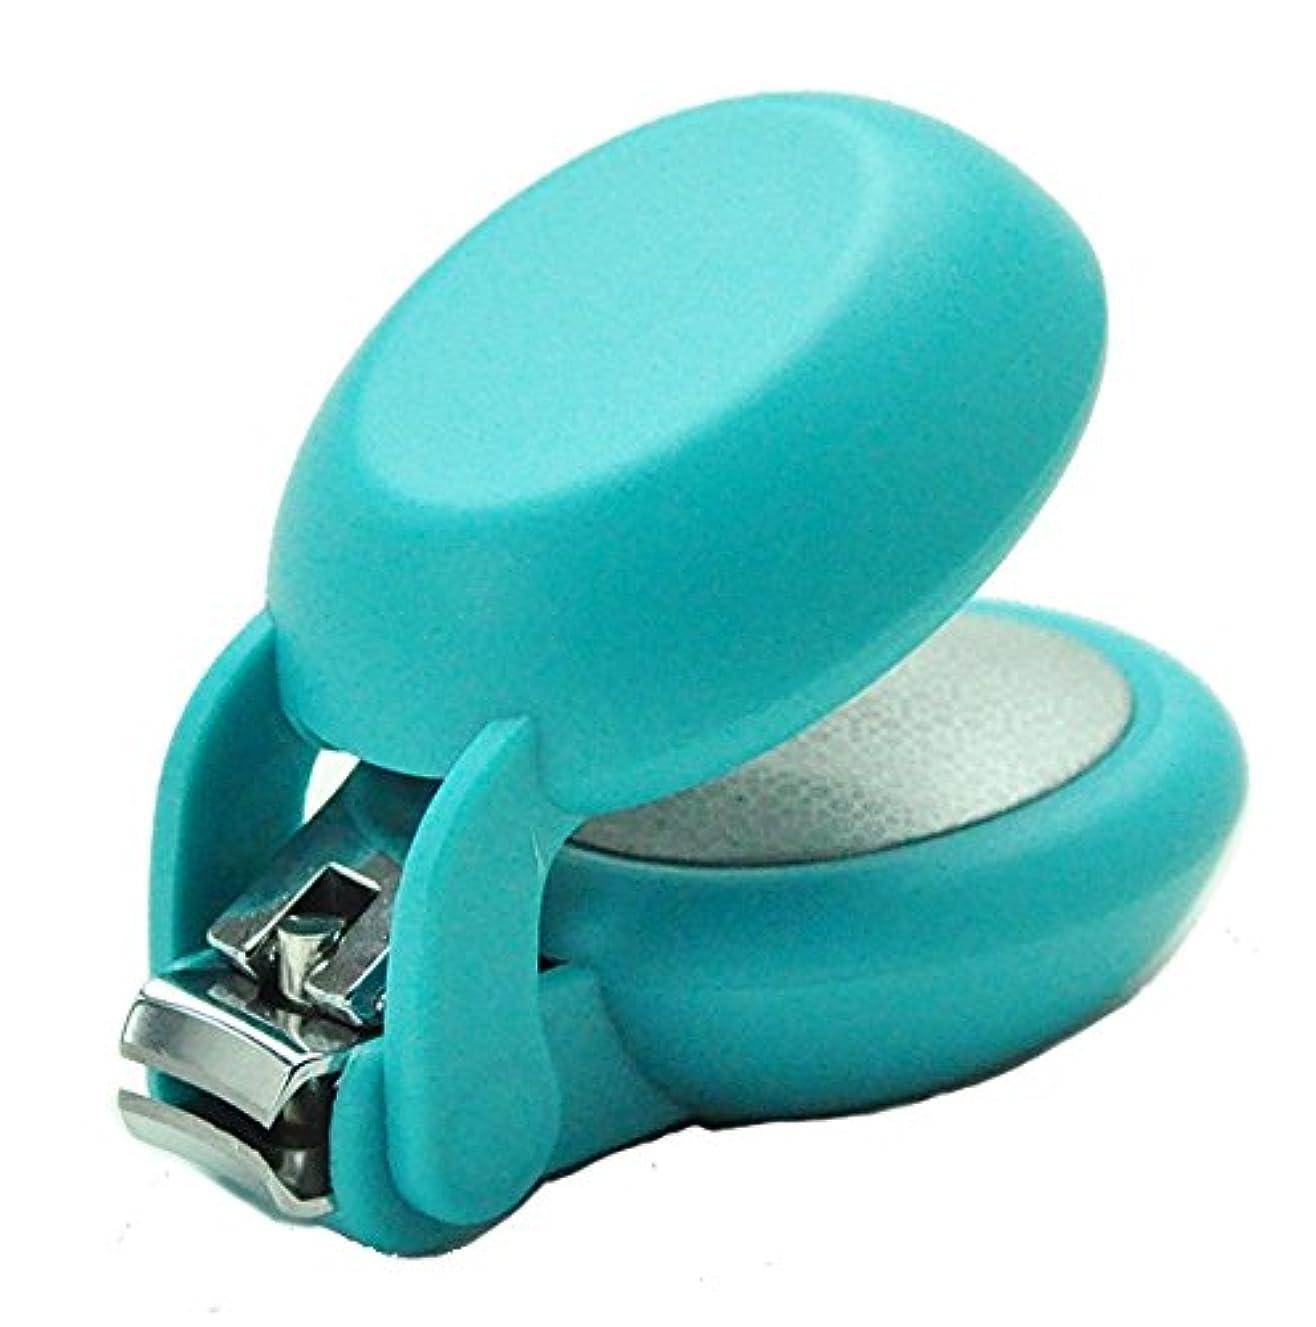 騒乱超越する実証する爪切り nail clipper (ネイルクリッパー) Nail+ (ネイルプラス) Blue (ブルー)